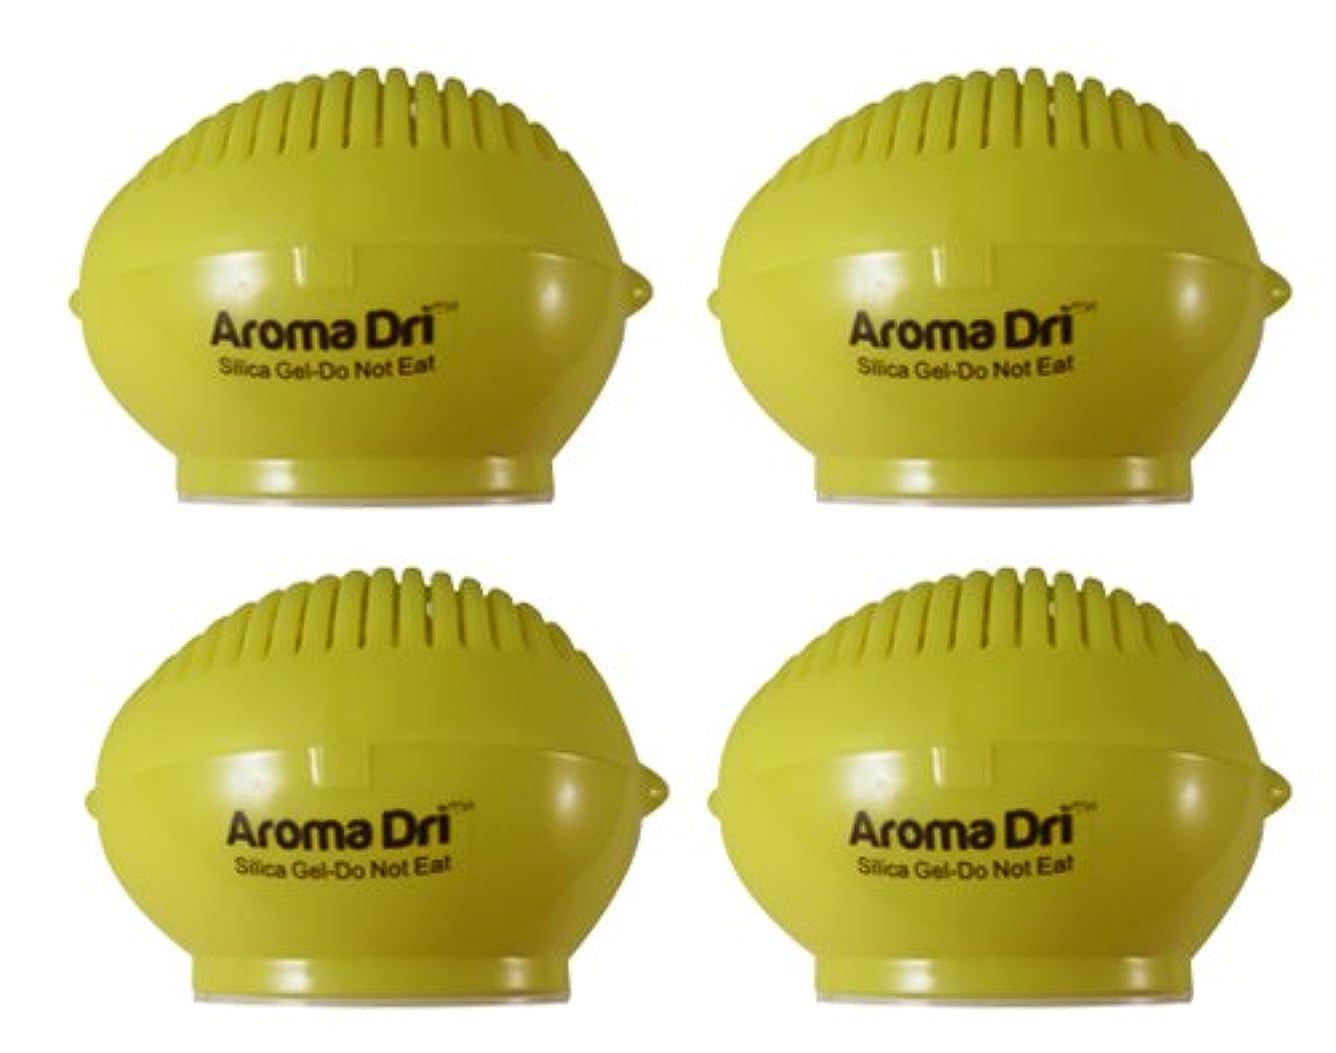 スズメバチ明確な囲いAroma Dri 50gm ラベンダーの香り シリカゲルレモン容器 4-Pack LEMON50LAVENDER-4PK